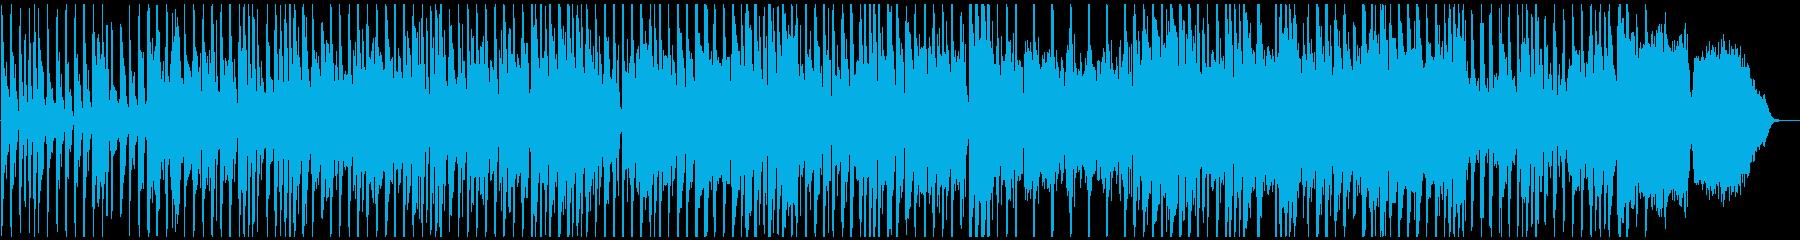 ワンパクマーチの再生済みの波形